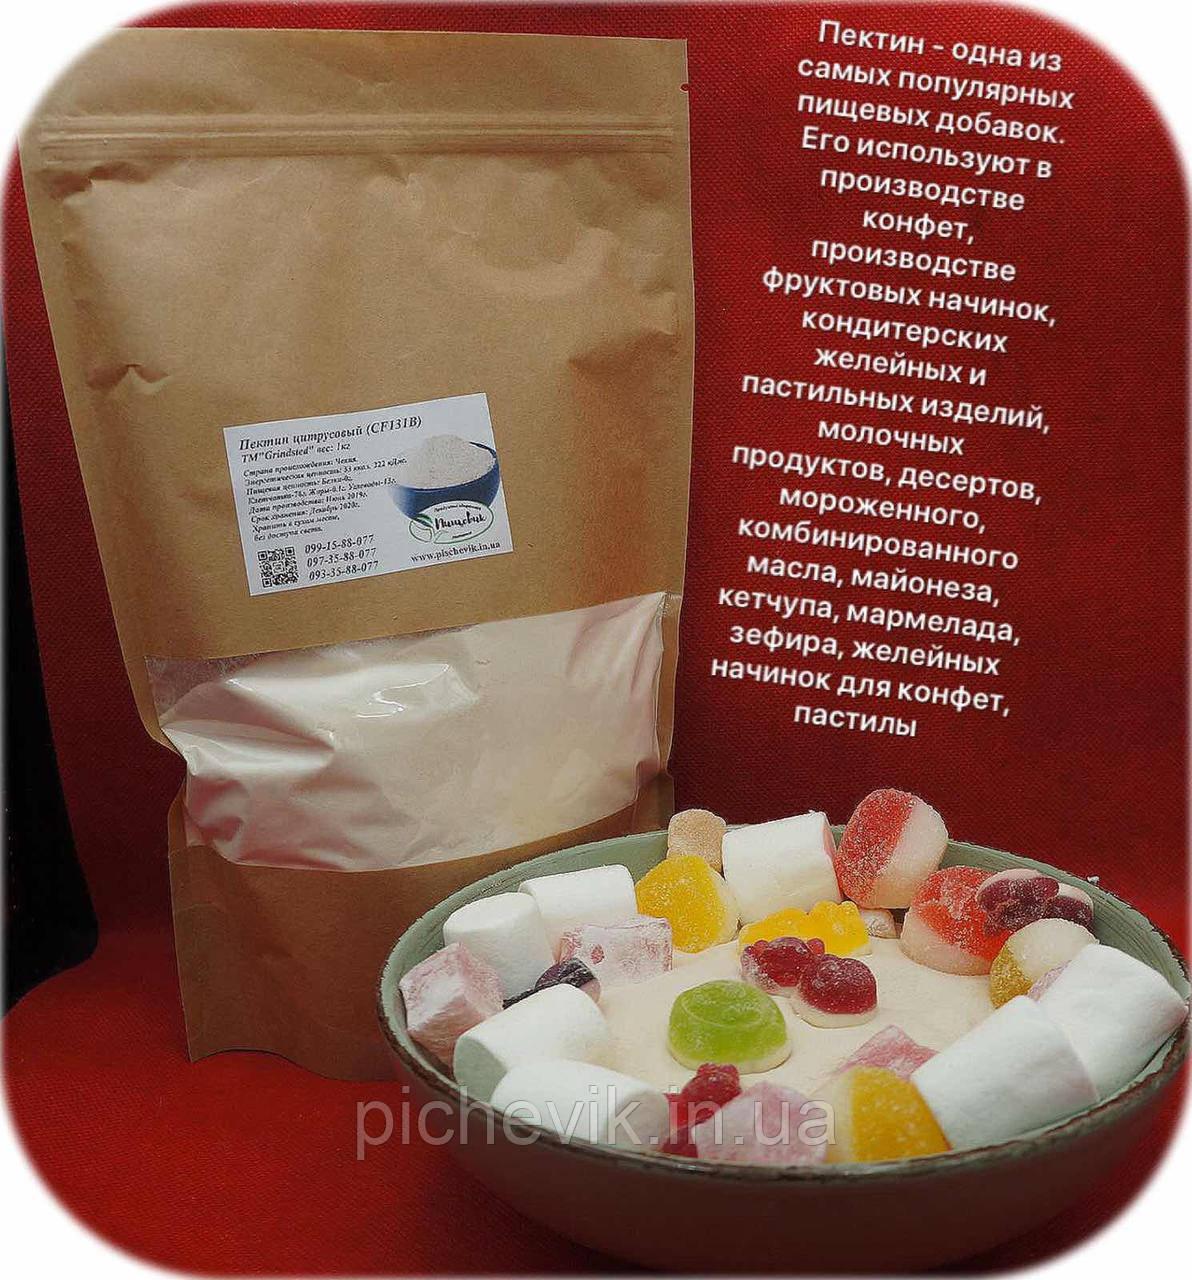 Пектин цитрусовый ТМ Grindsted (Чехия) вес: 100 грамм.